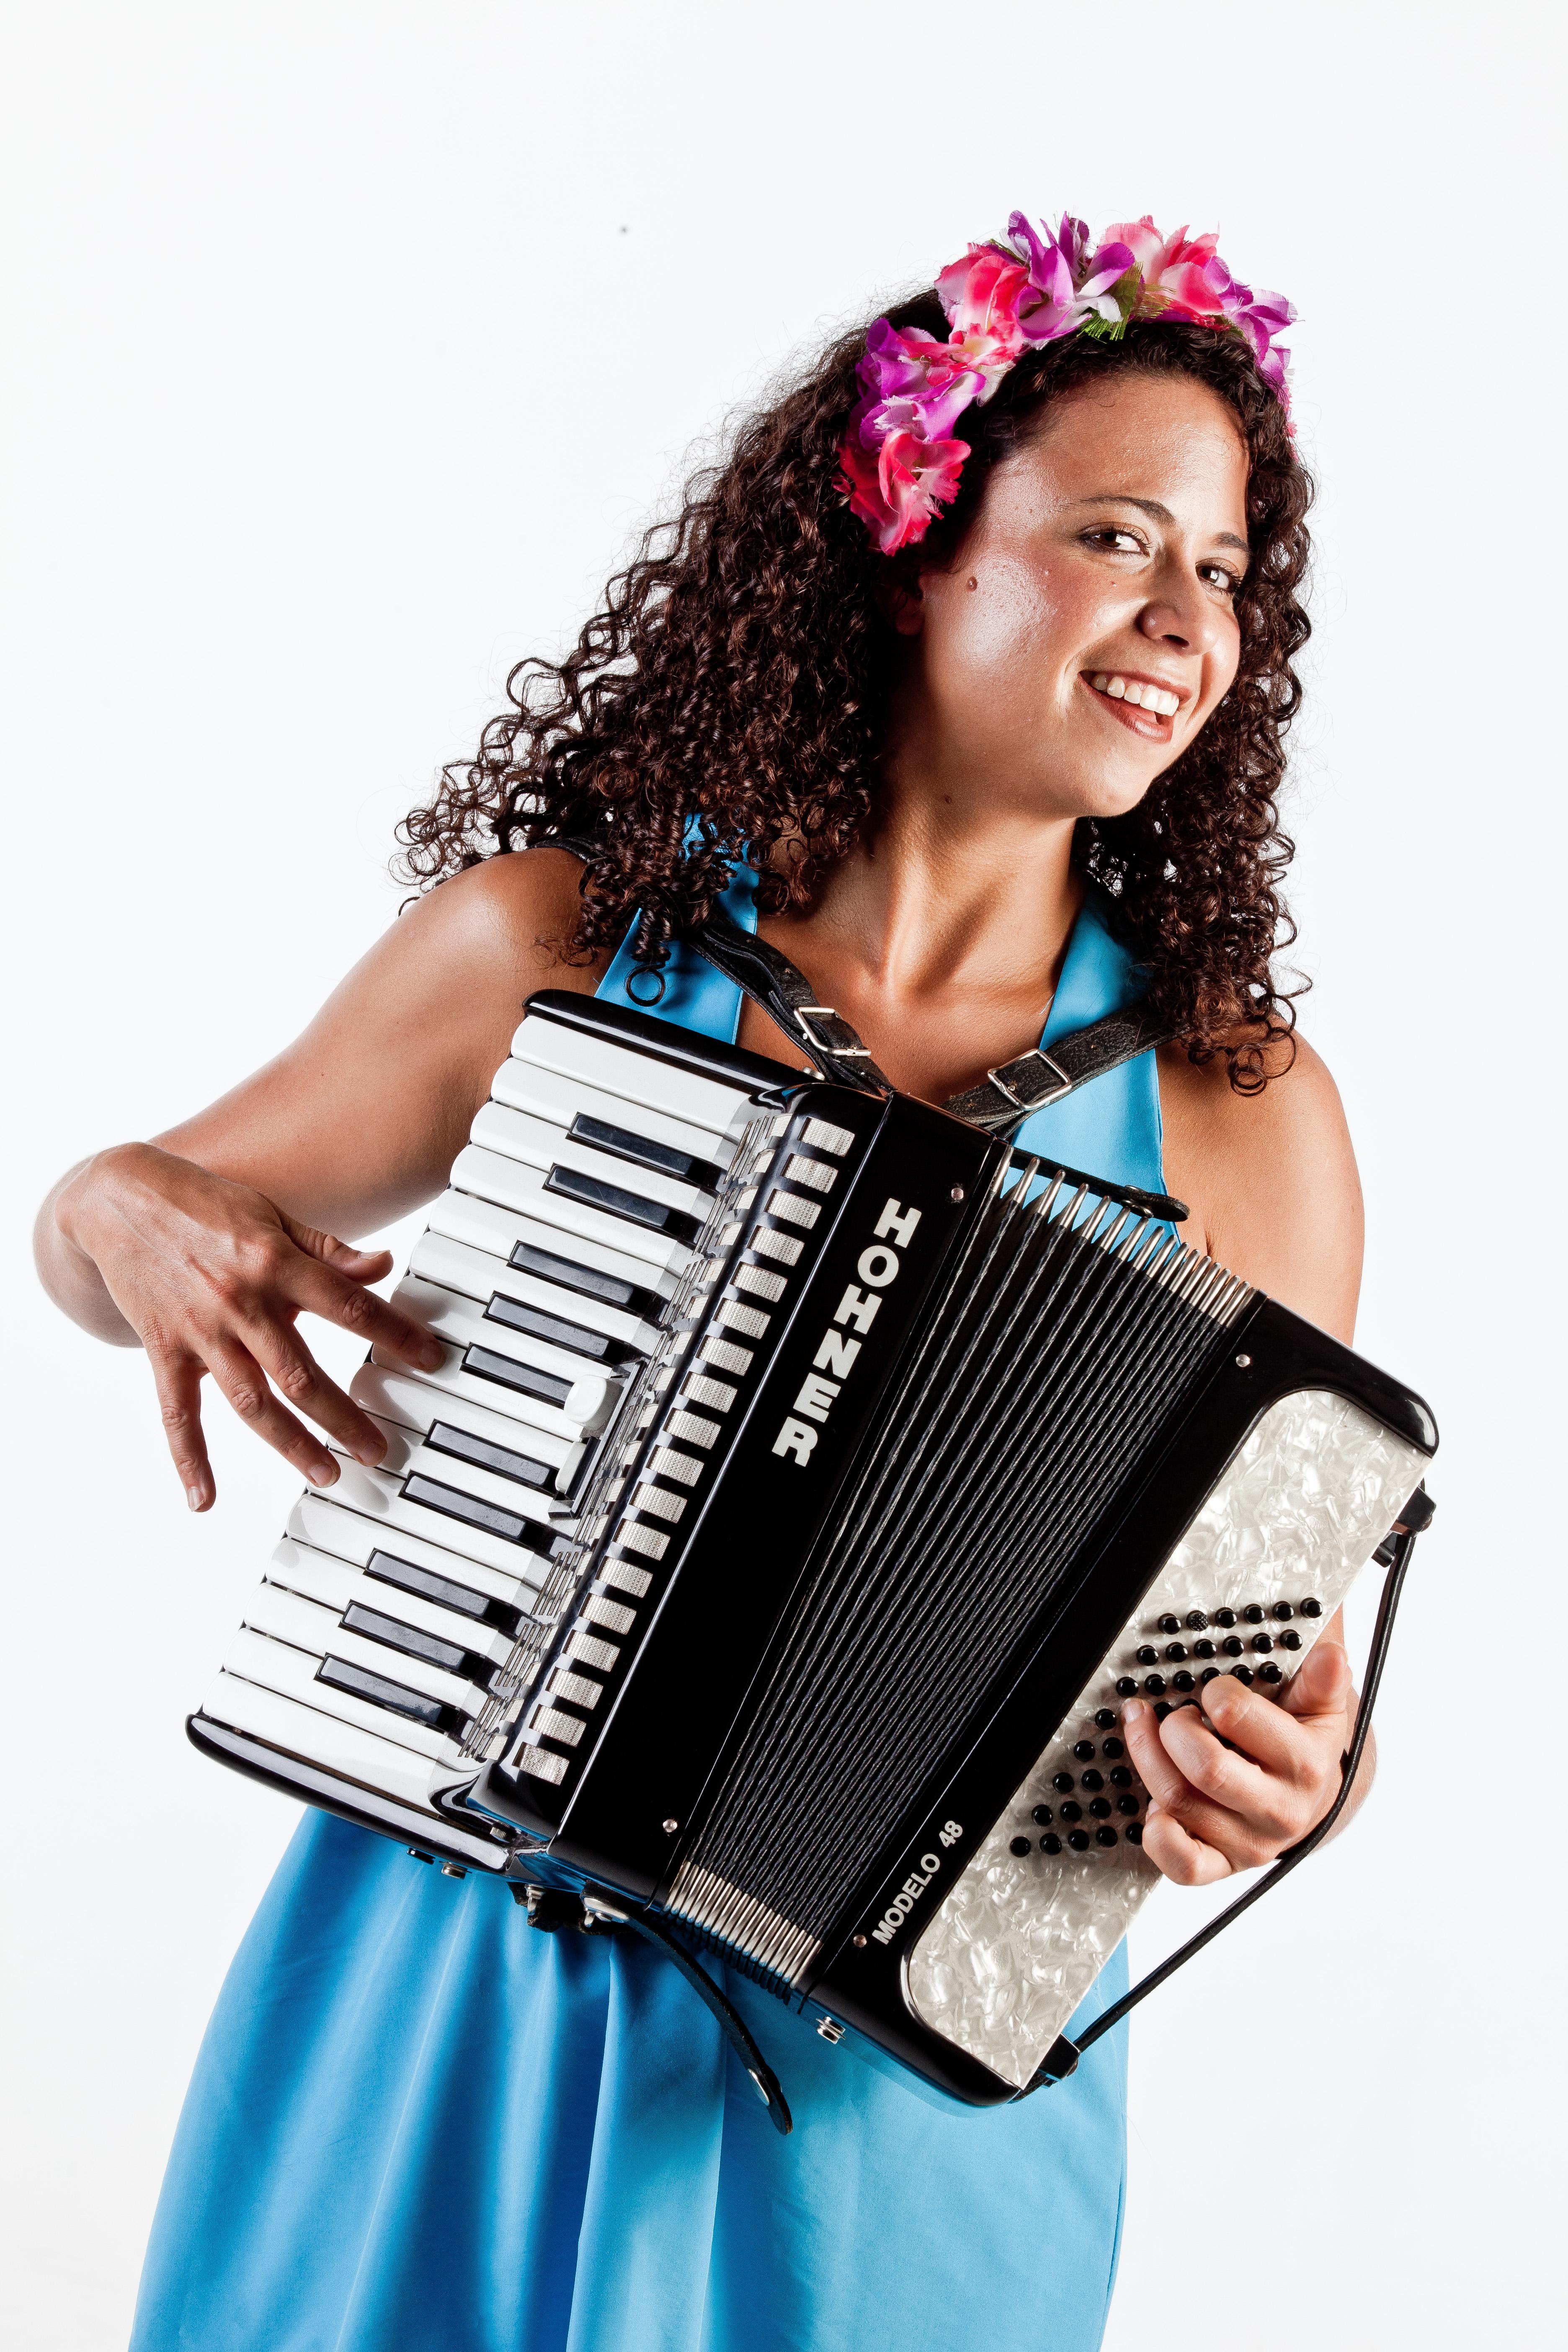 Ginga e Prosa. Foto: Marcela Beltrão.